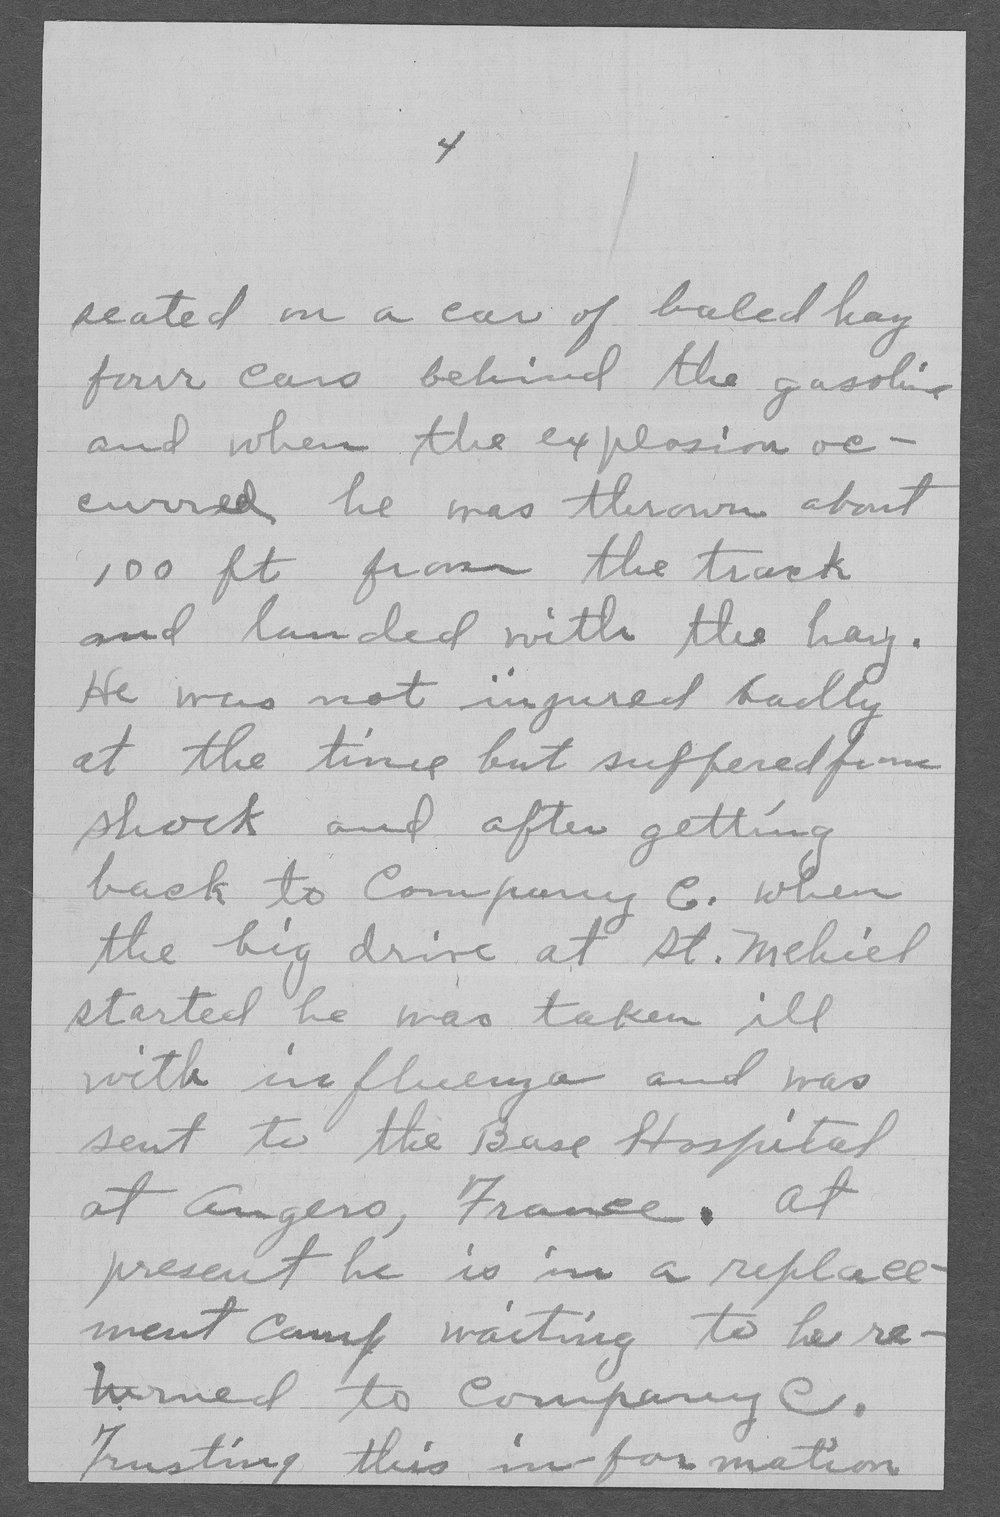 Harrison M. West, World War I soldier - 6